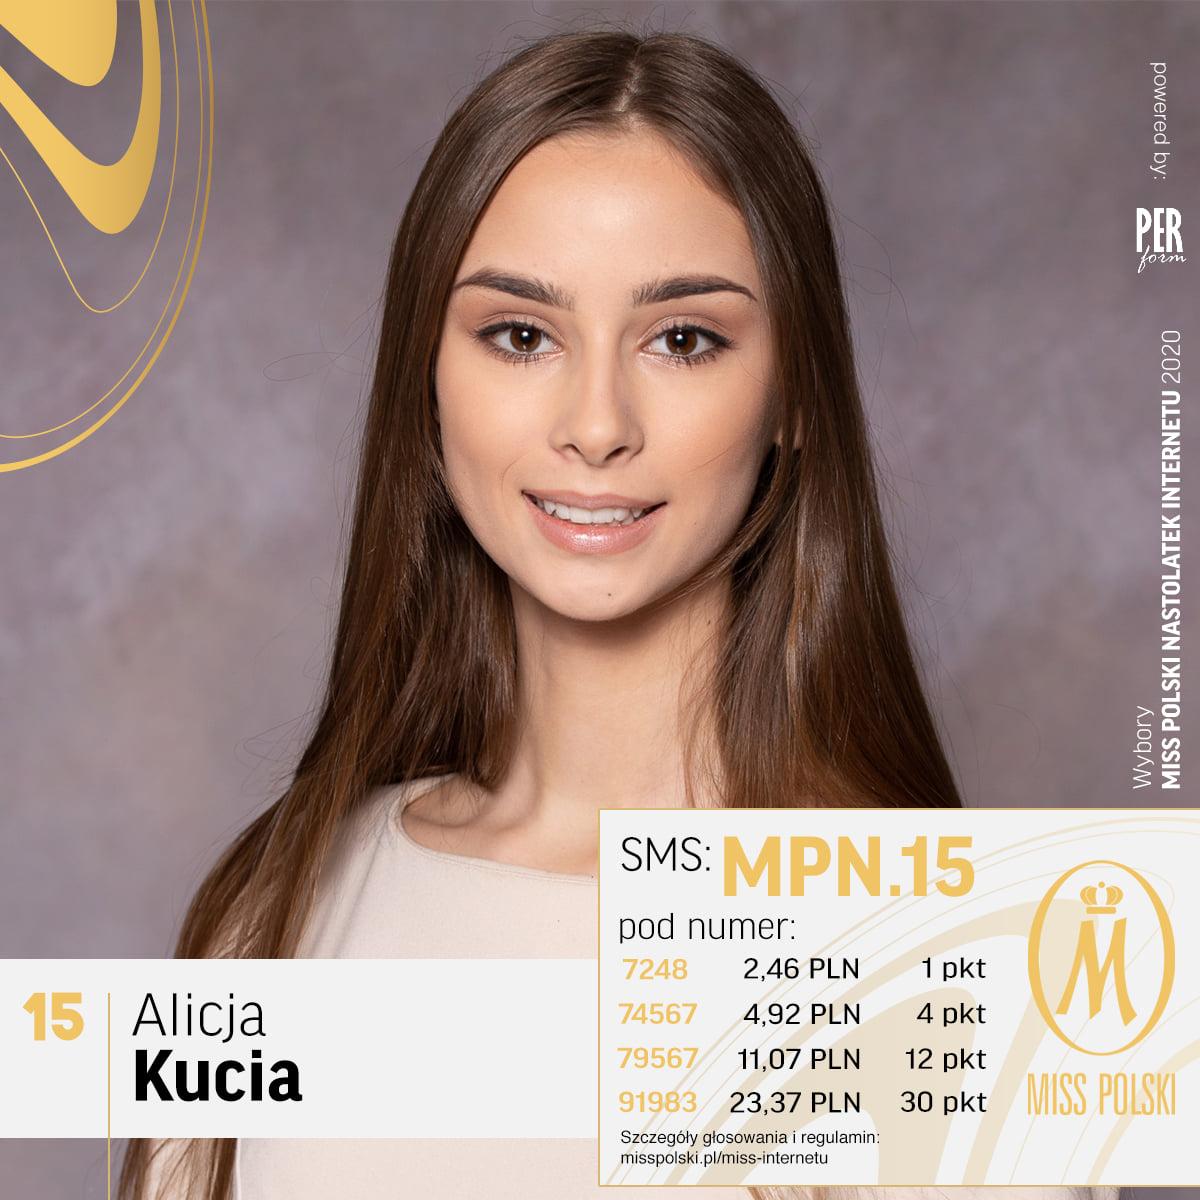 Alicja Kucia powalczy w piątek o tytuł Miss Polski Nastolatek [FOTO]